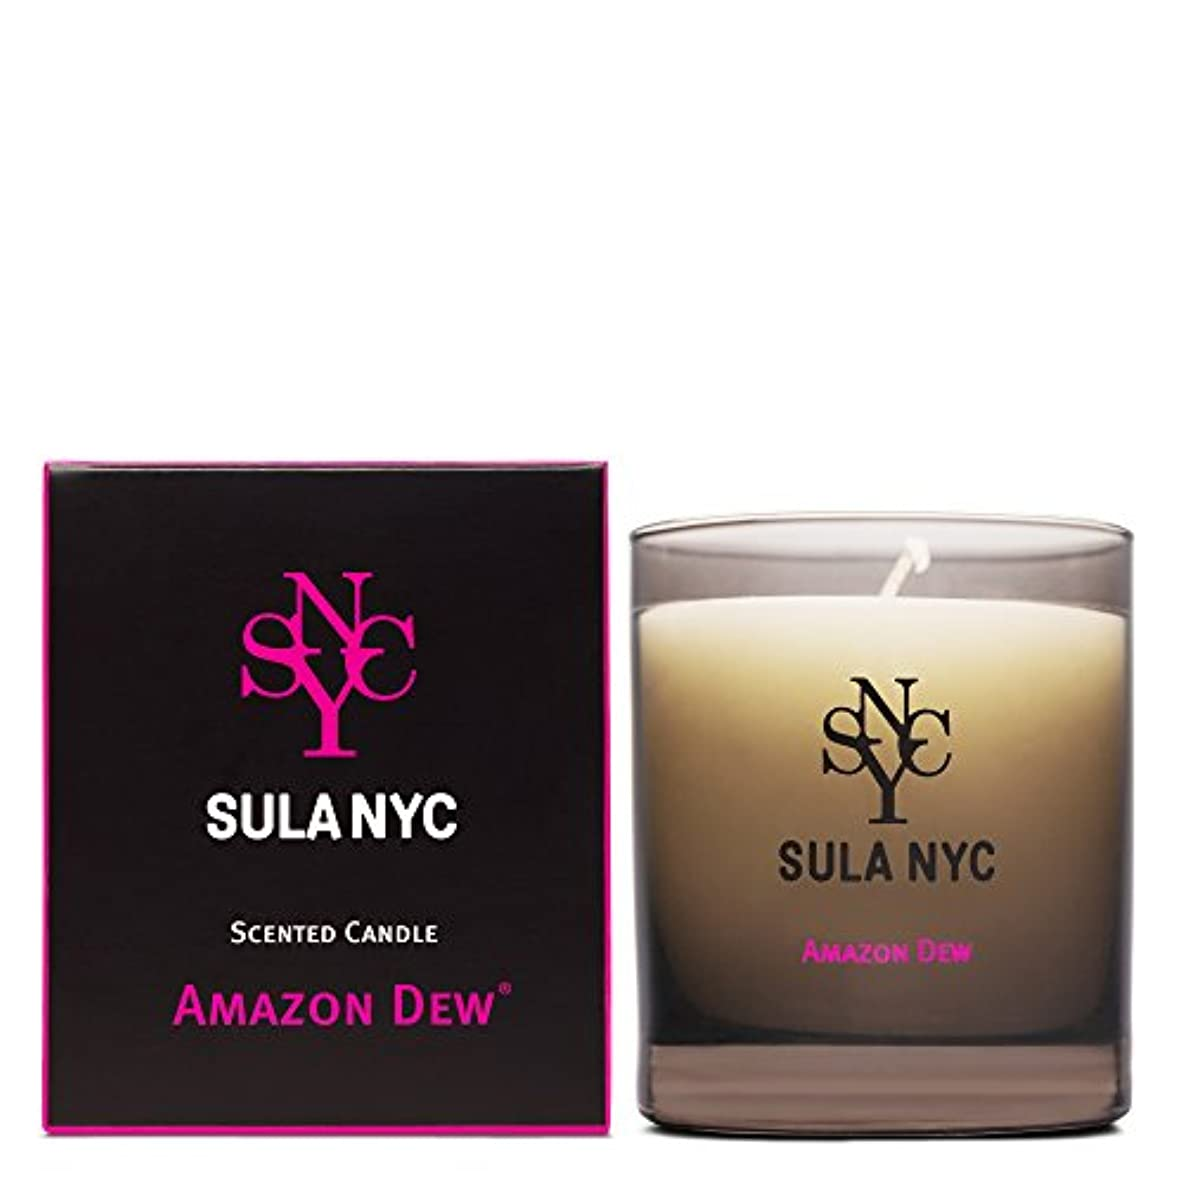 ふつう識別する反毒SULA NYC SCENTED CANDLE AMAZON DEW スーラNYCセンティッドキャンドル アマゾン?デュー